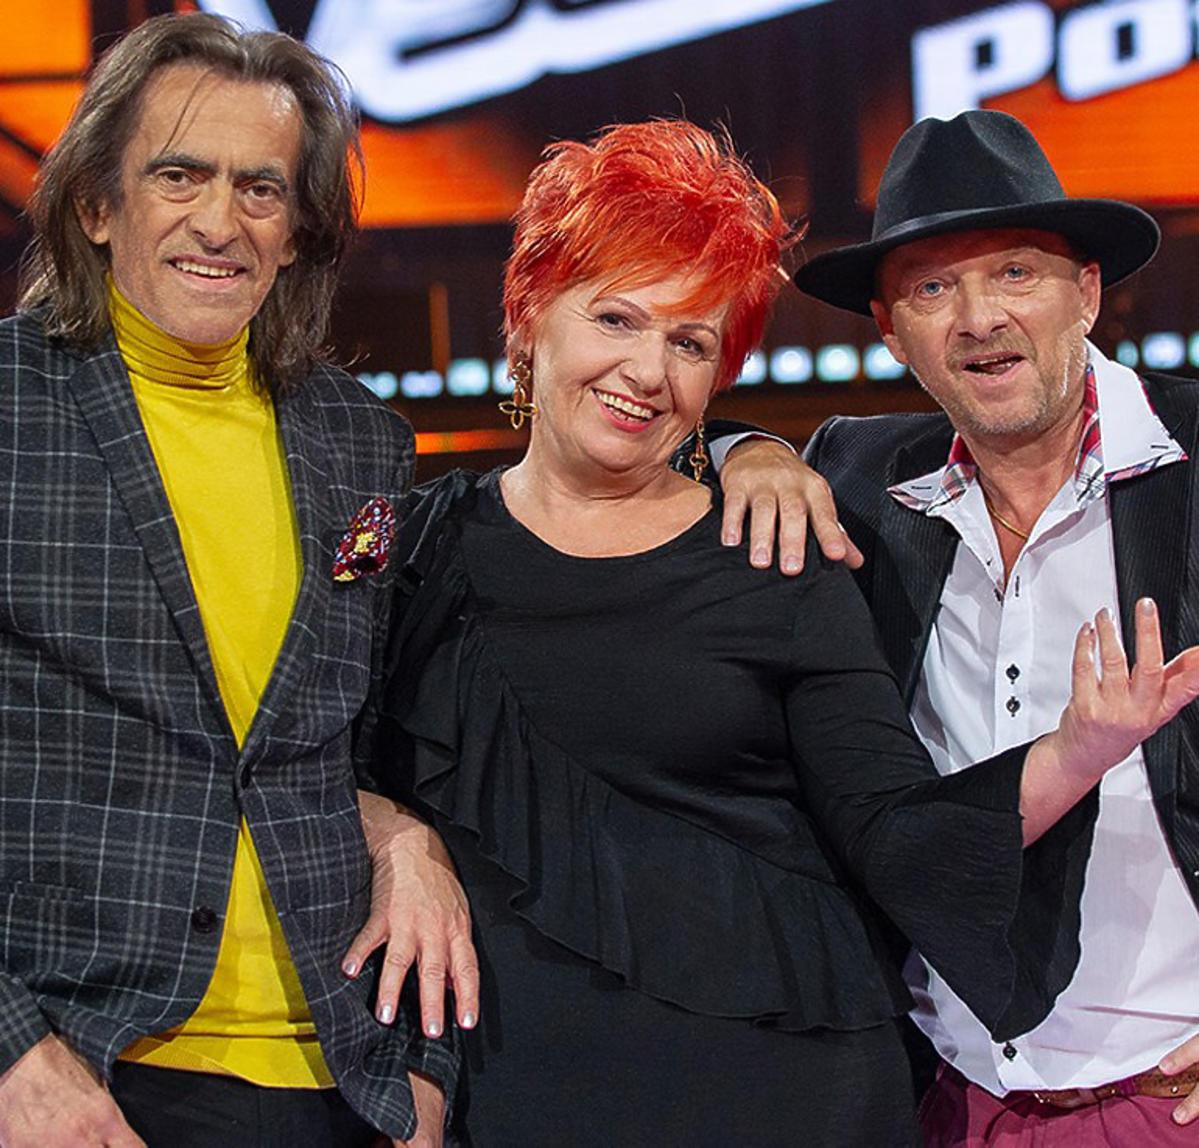 The Voice Senior, finaliści z drużyny Witolda Paszta - Ewa Olszewska i Andrzej Pawłowski